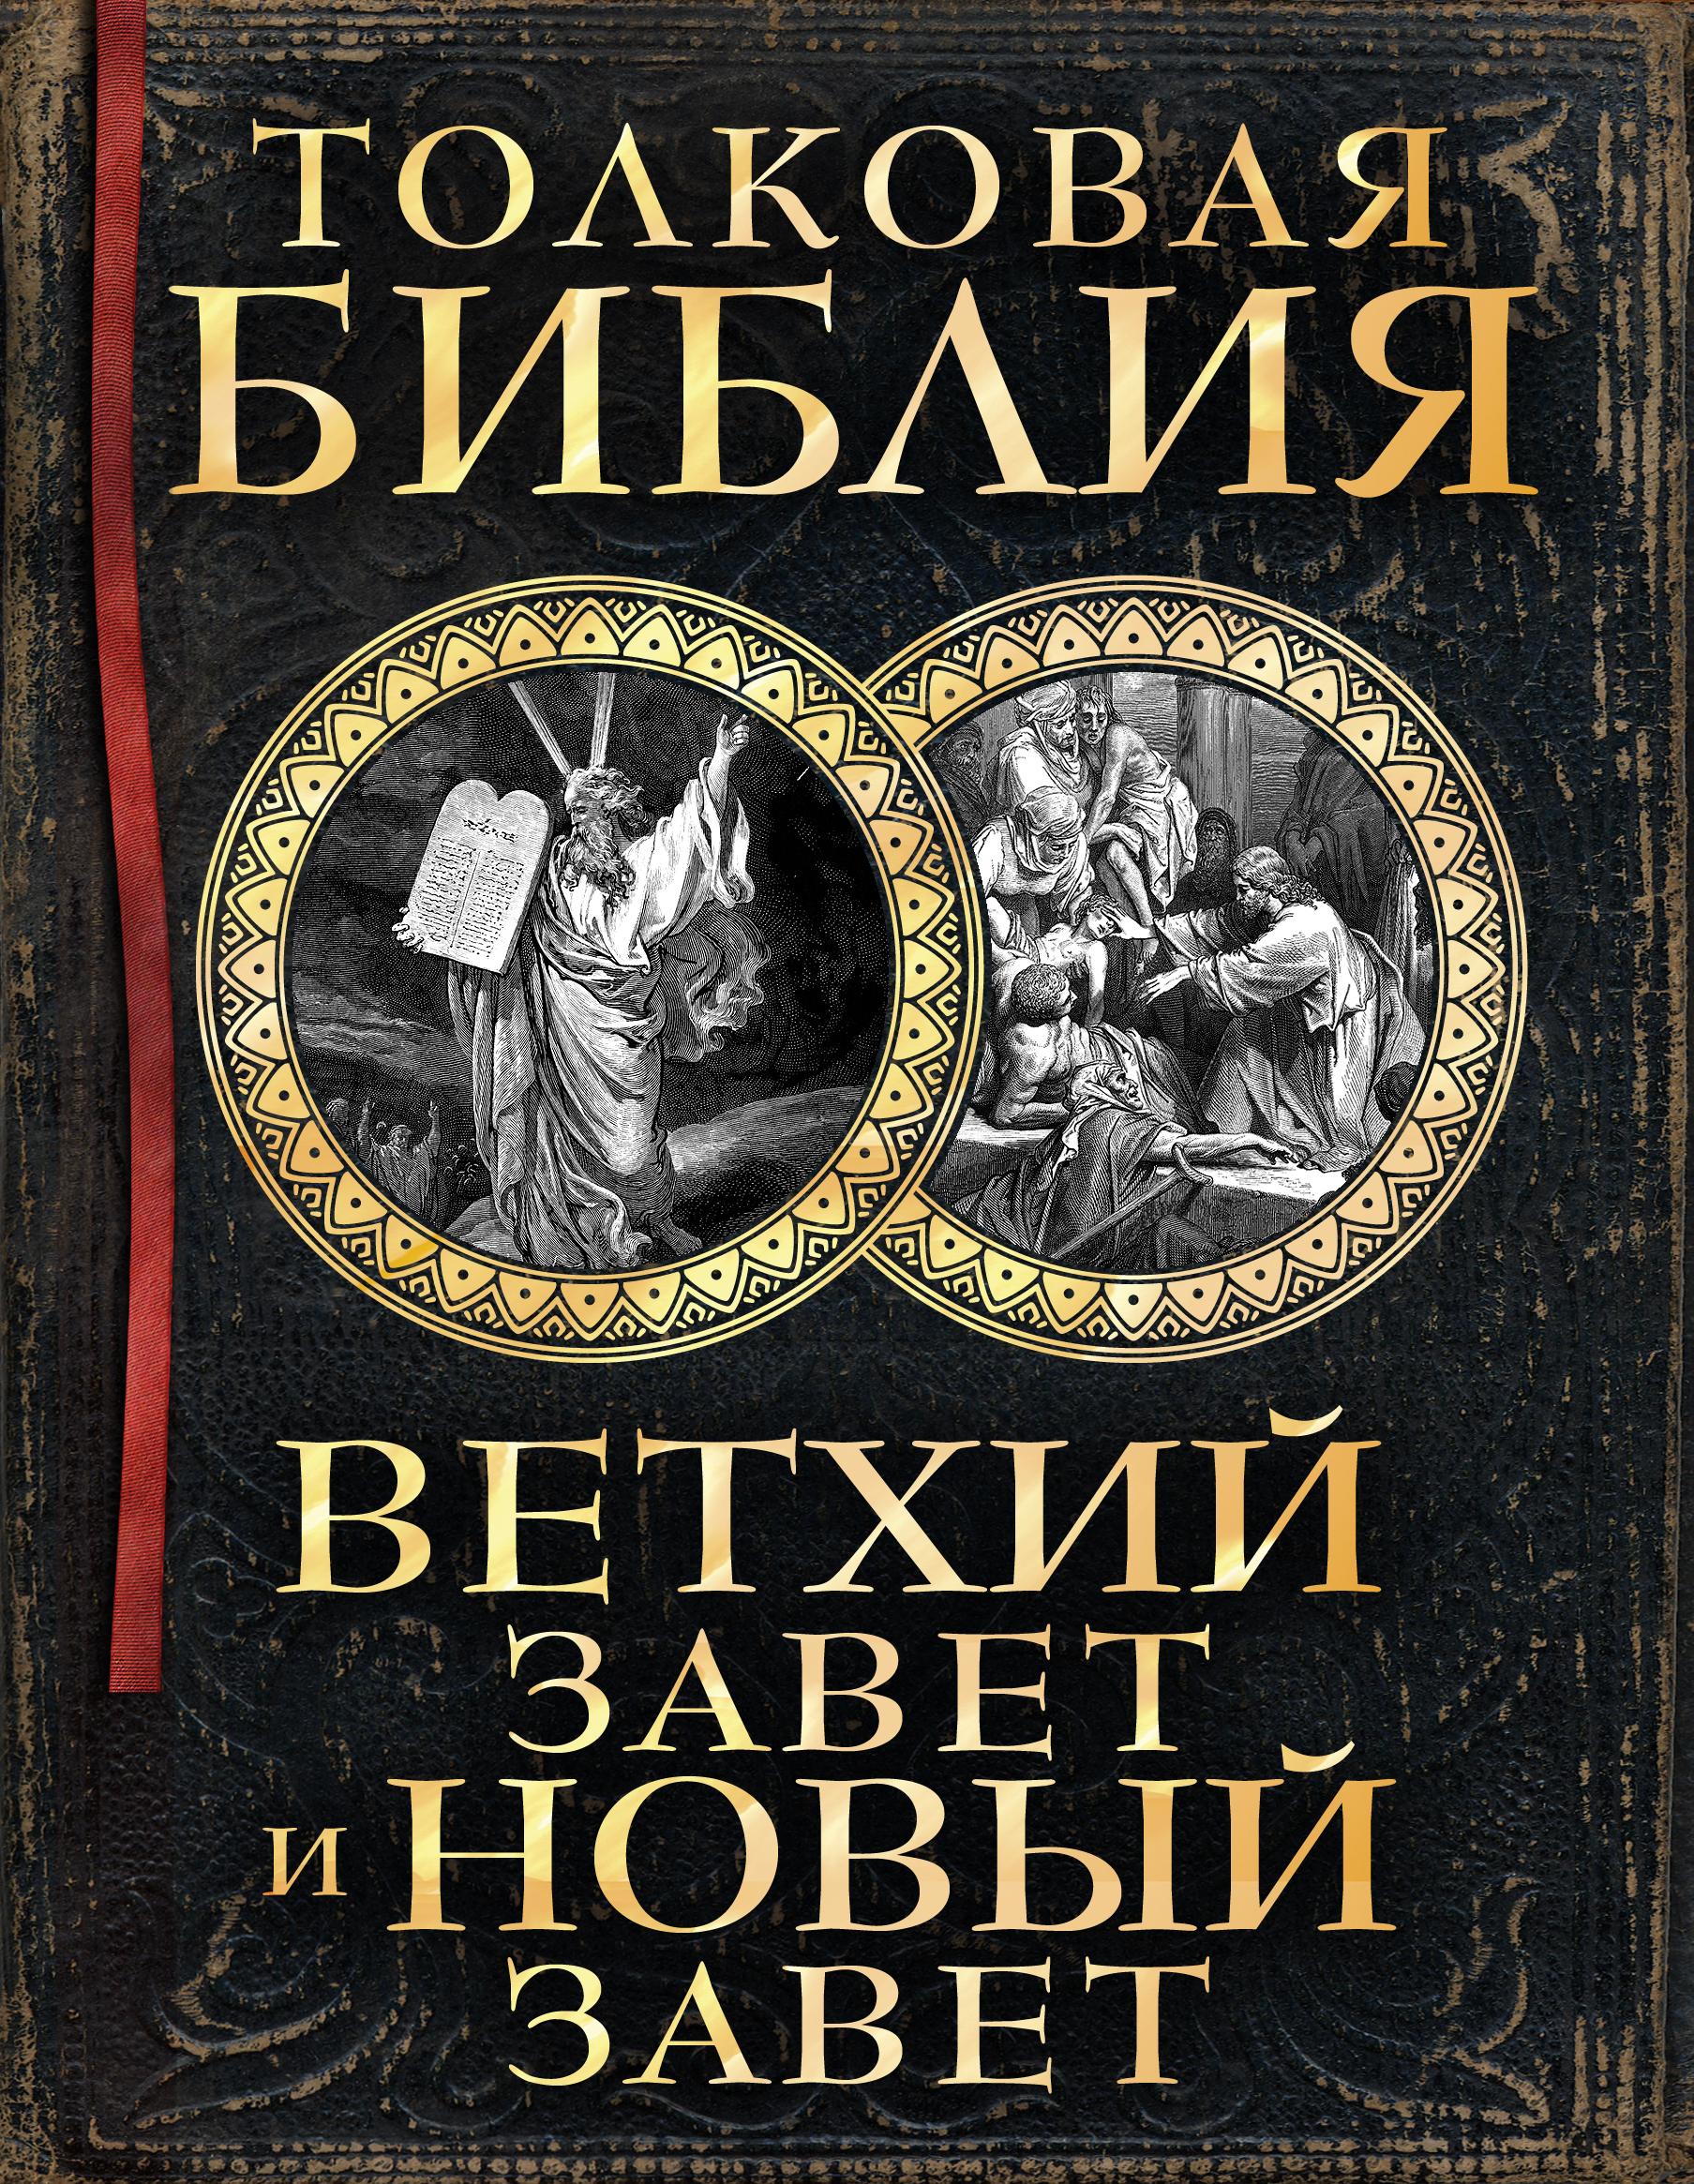 Черная библия новый заве 17 фотография